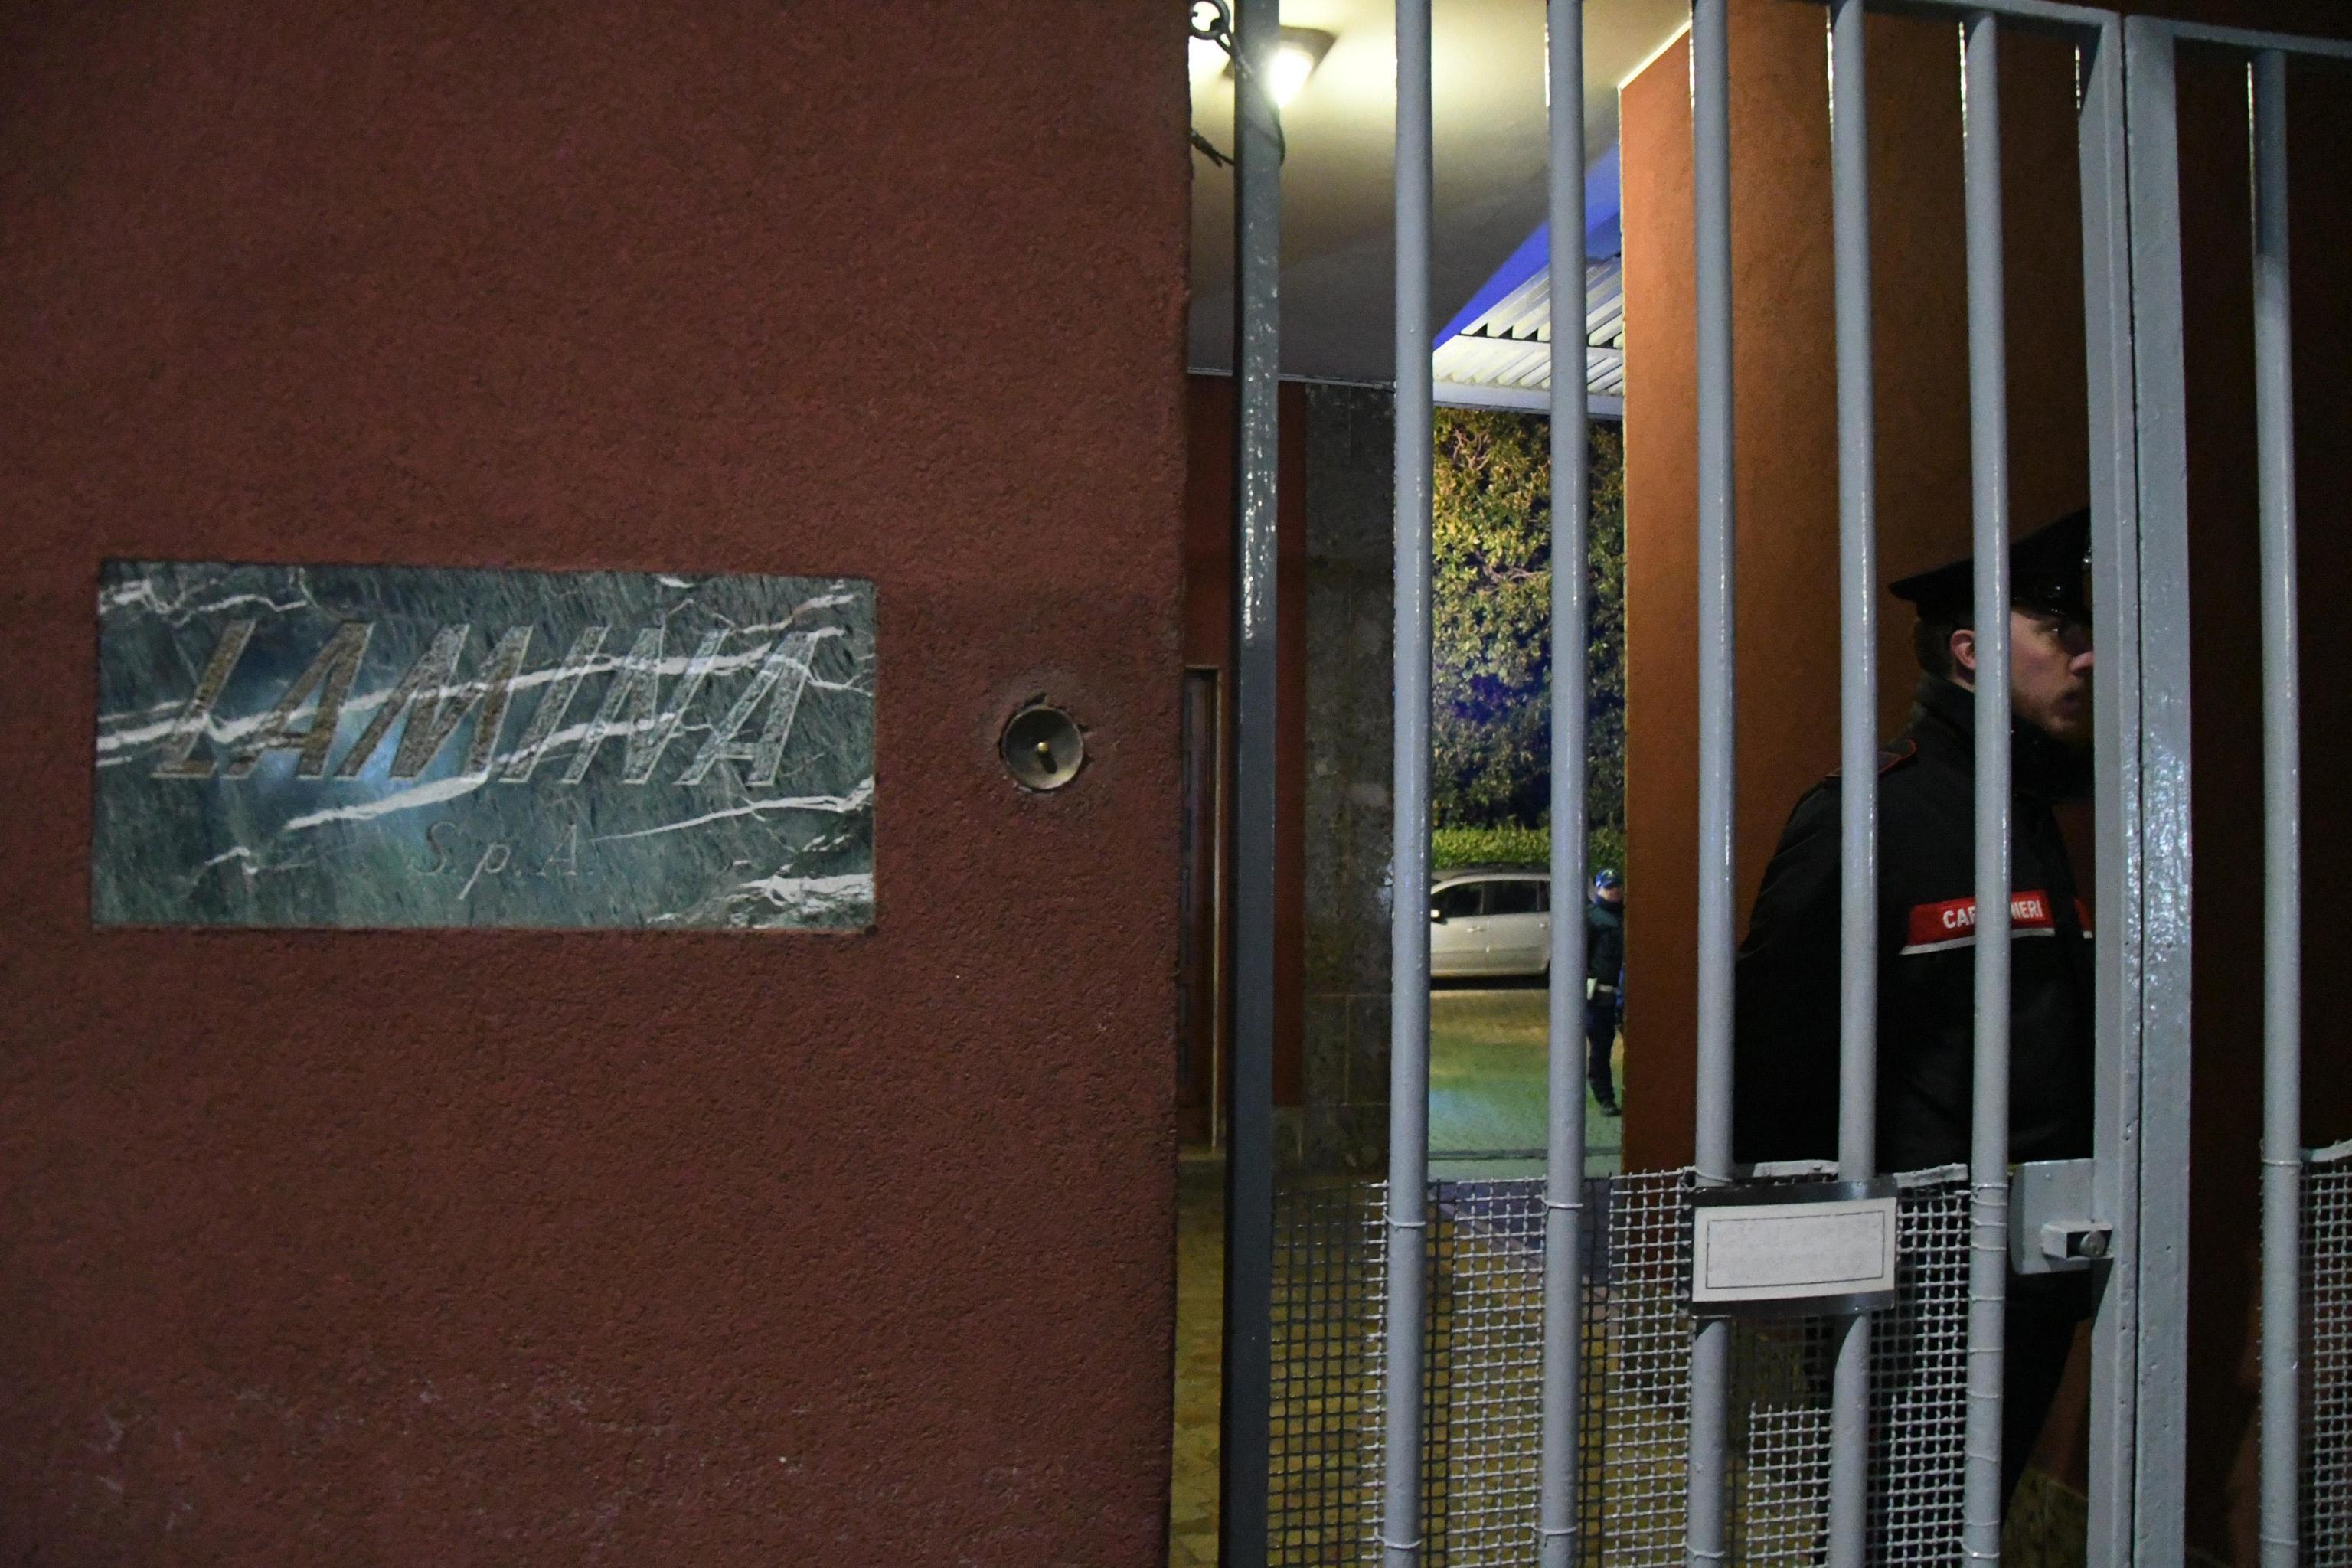 Grave incidente in fabbrica a Milano, morte cerebrale per il quarto operaio